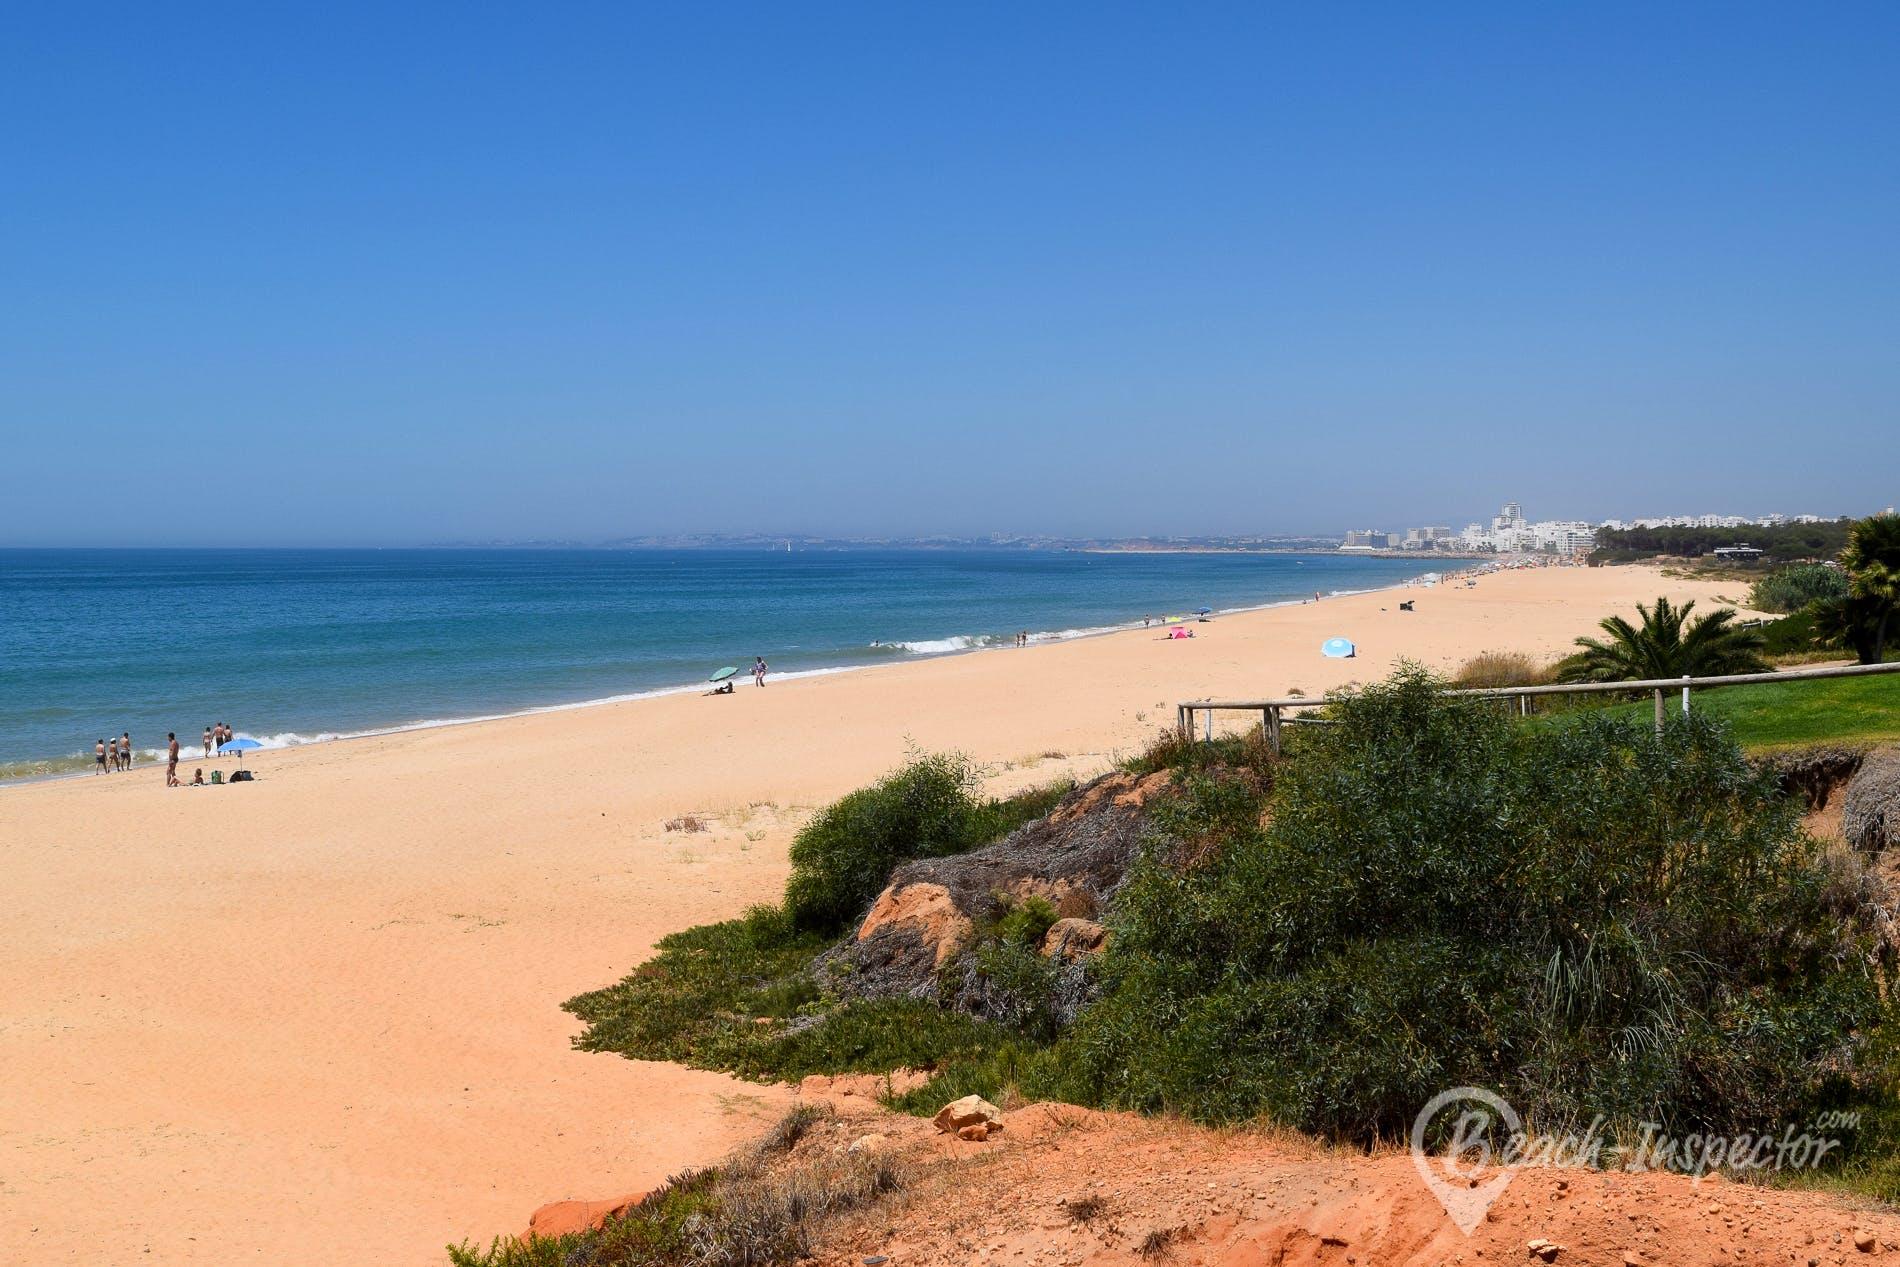 Beach Praia do Trafal, Algarve, Portugal